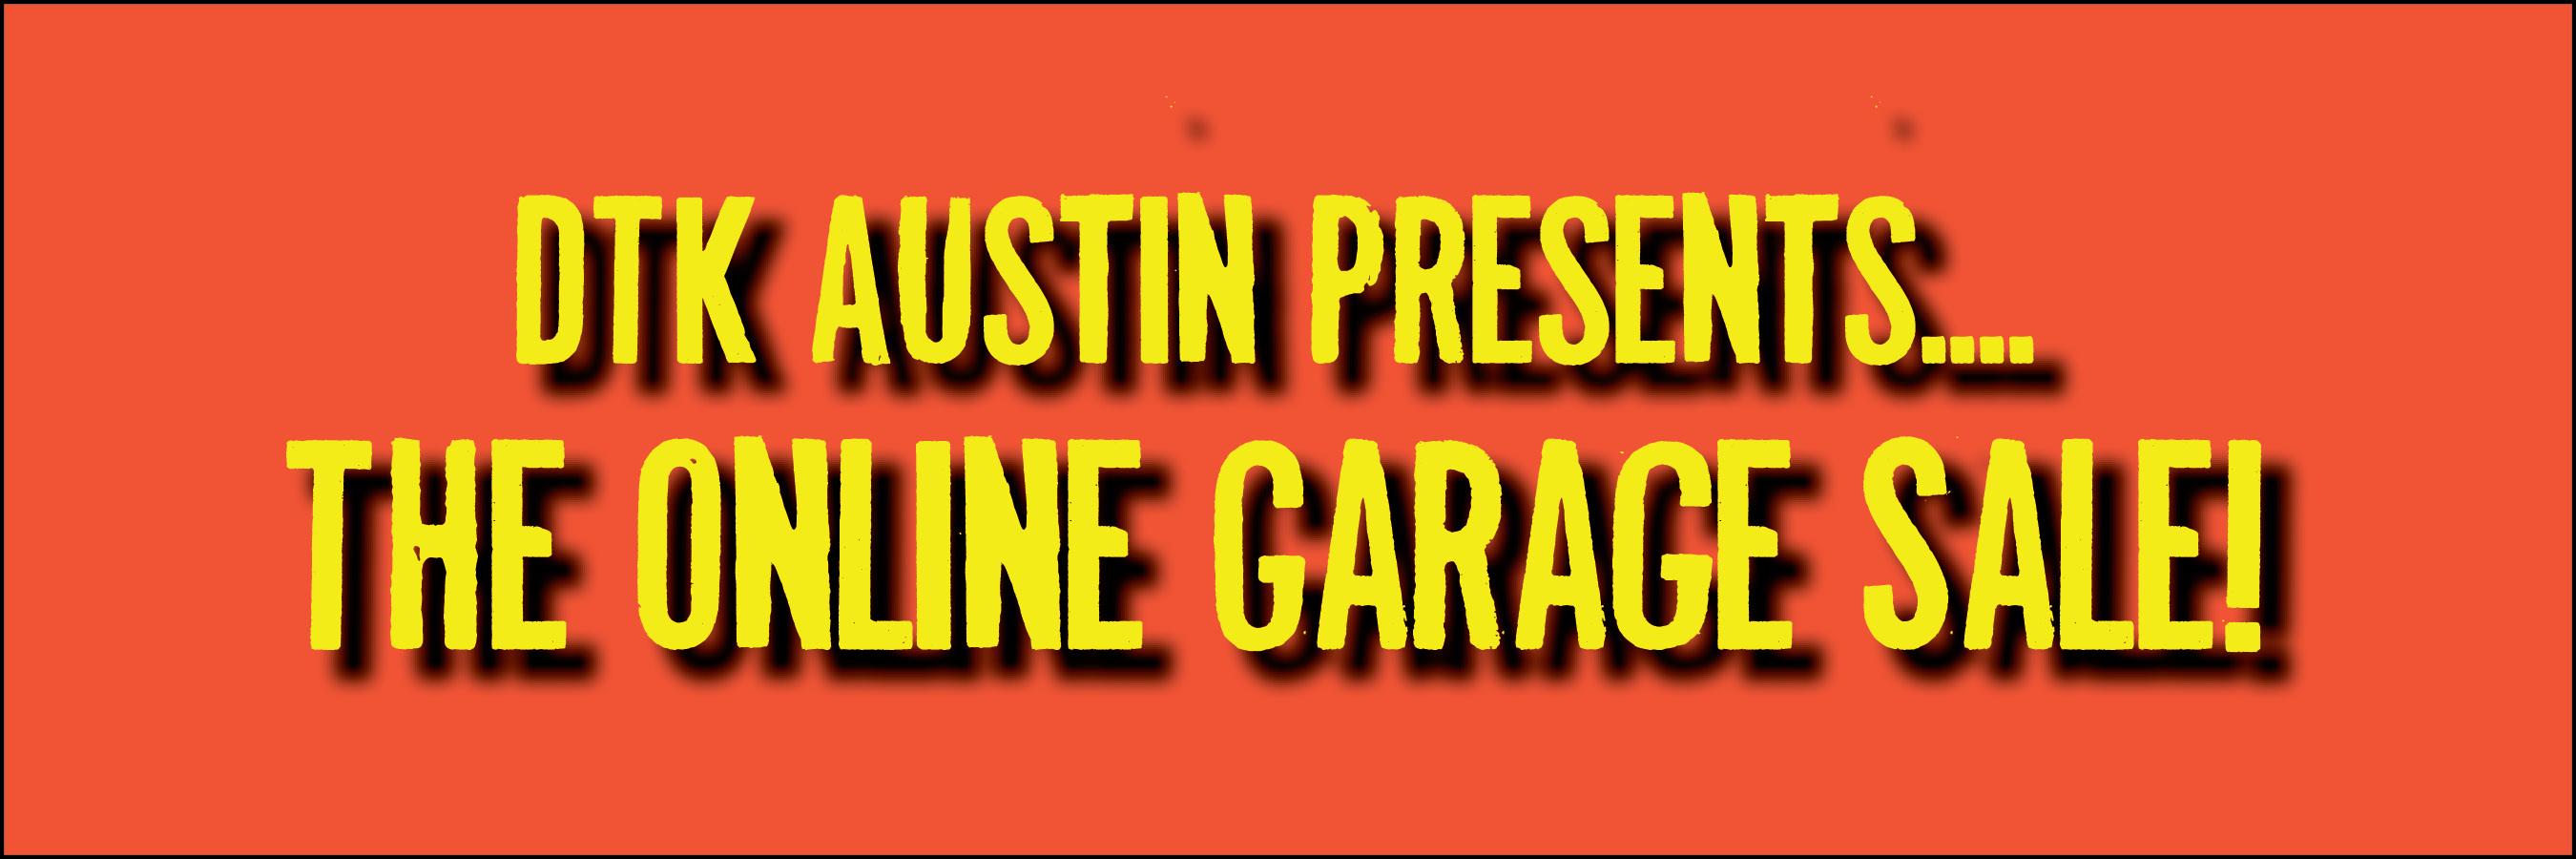 OnlineGarageSale  DTK Austin Styling